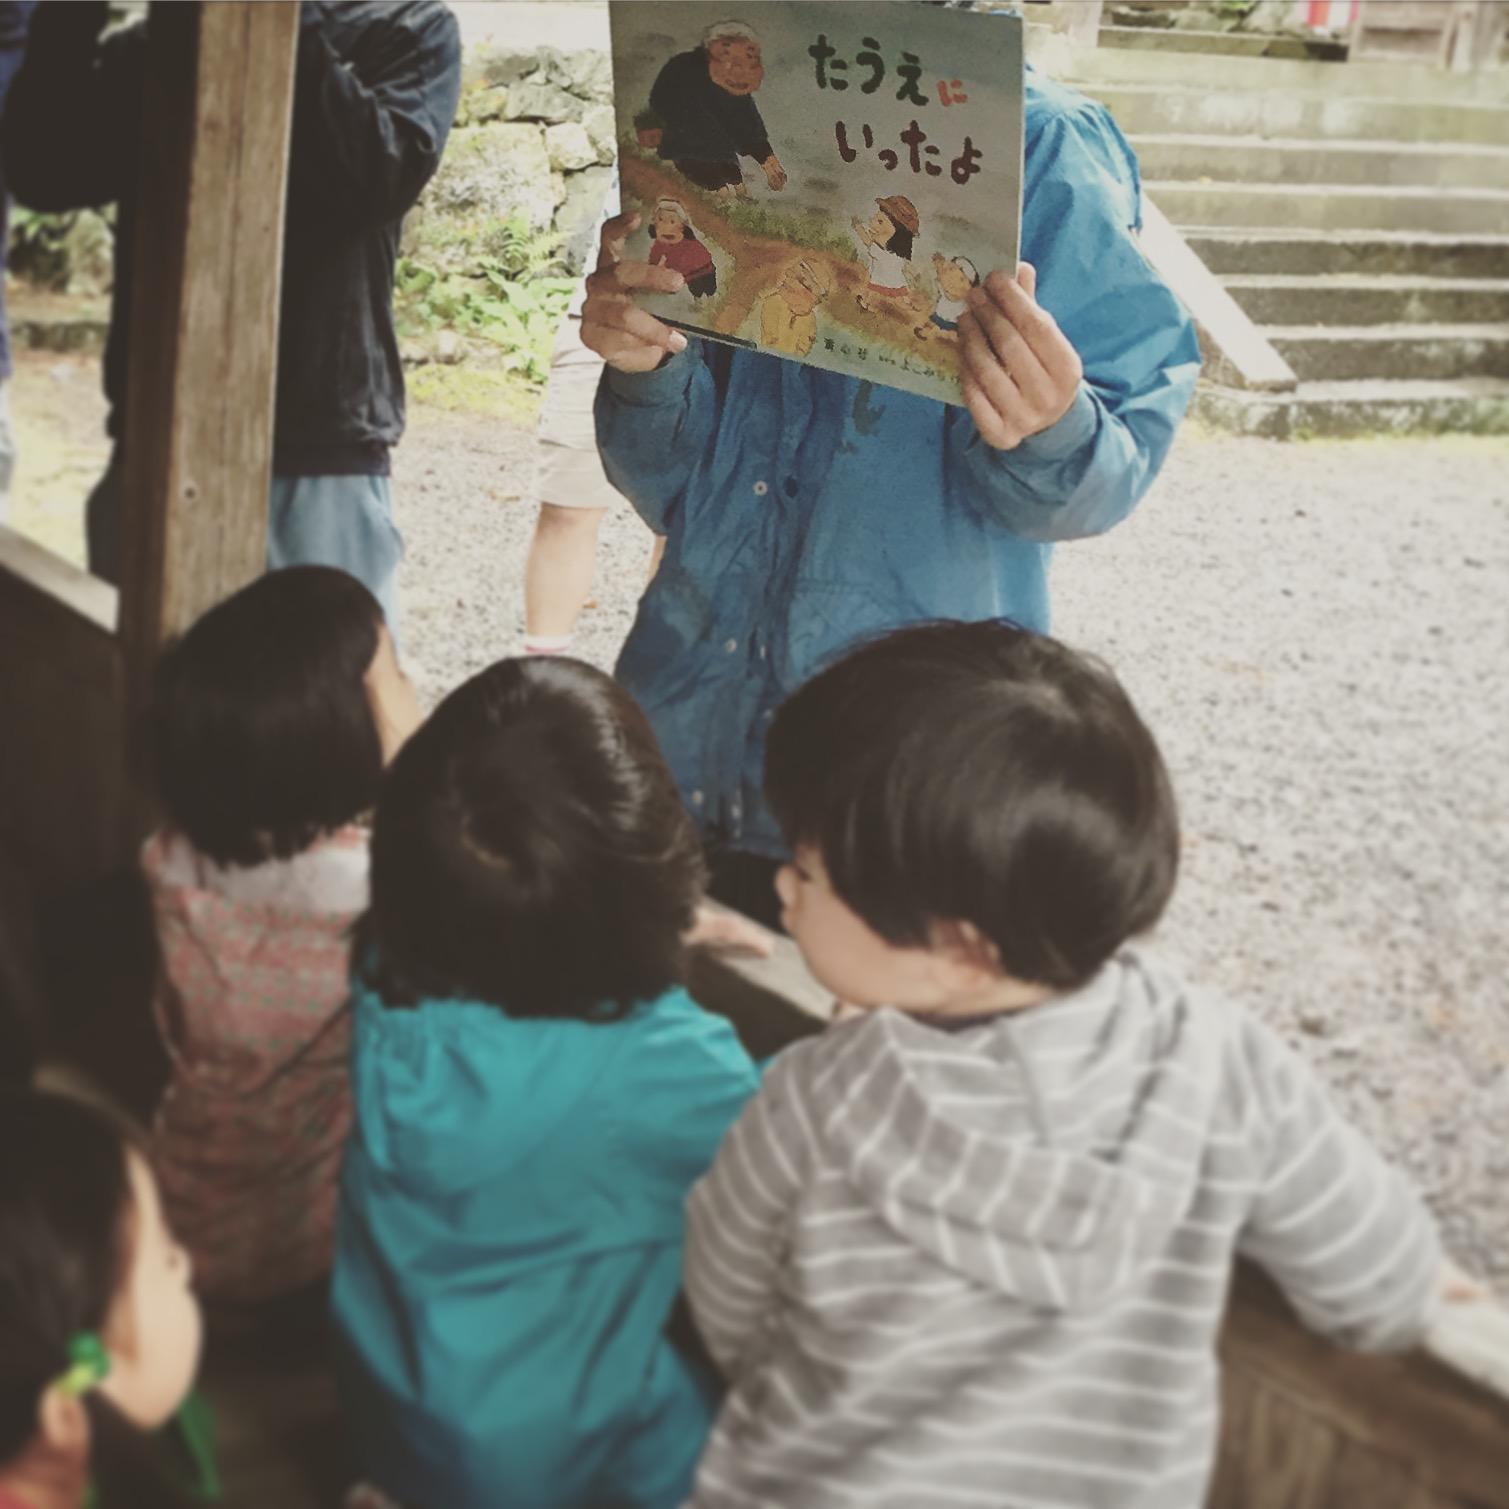 去種田的這一天,老師還帶來了「種田去」的繪本故事書在現場說給小朋友聽。